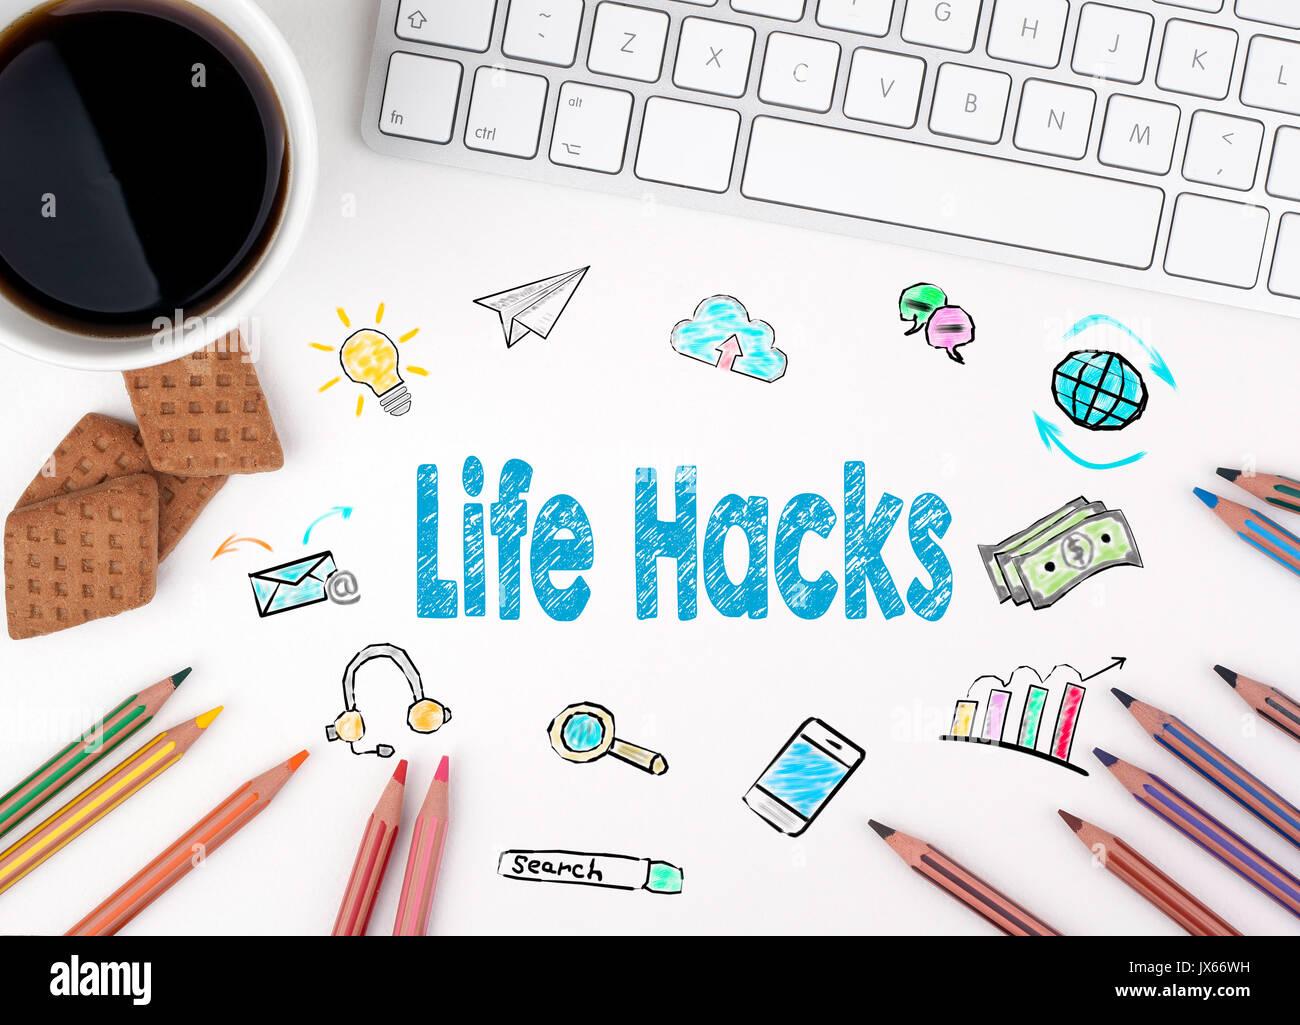 La vida Hacks. Teclado de ordenador y una taza de café en un cuadro blanco Imagen De Stock